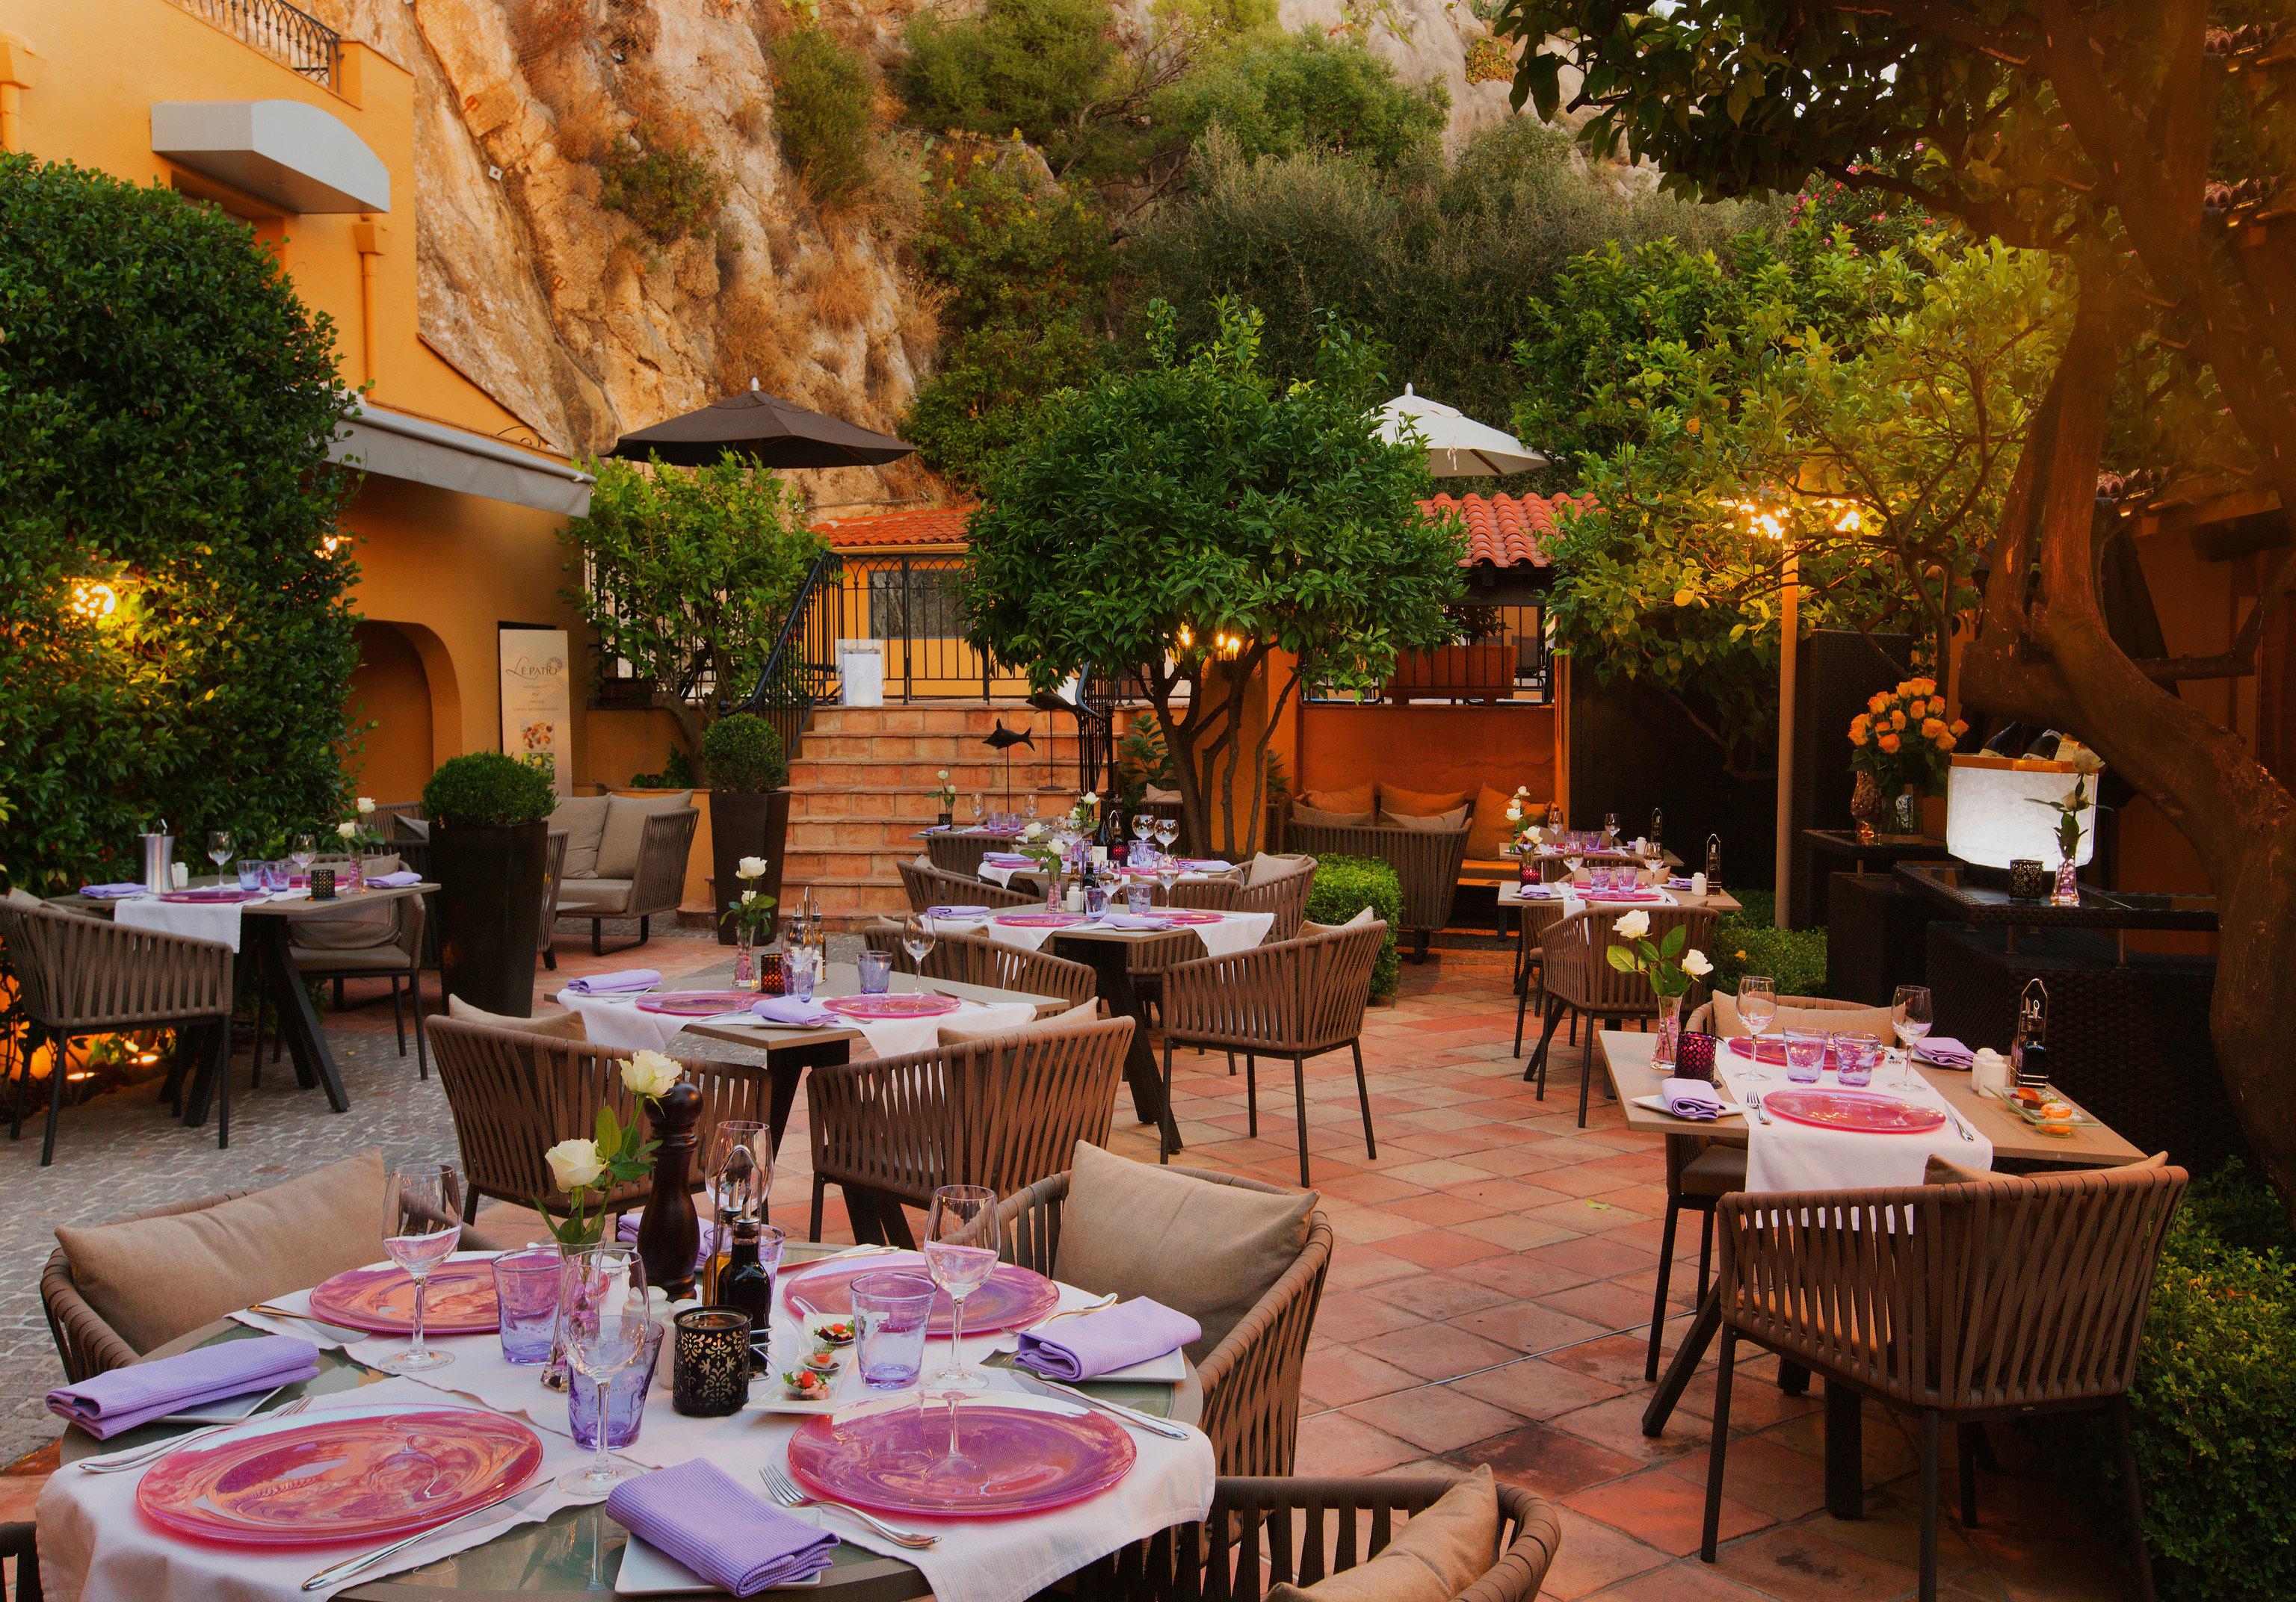 tree restaurant floristry backyard Resort Dining flower set